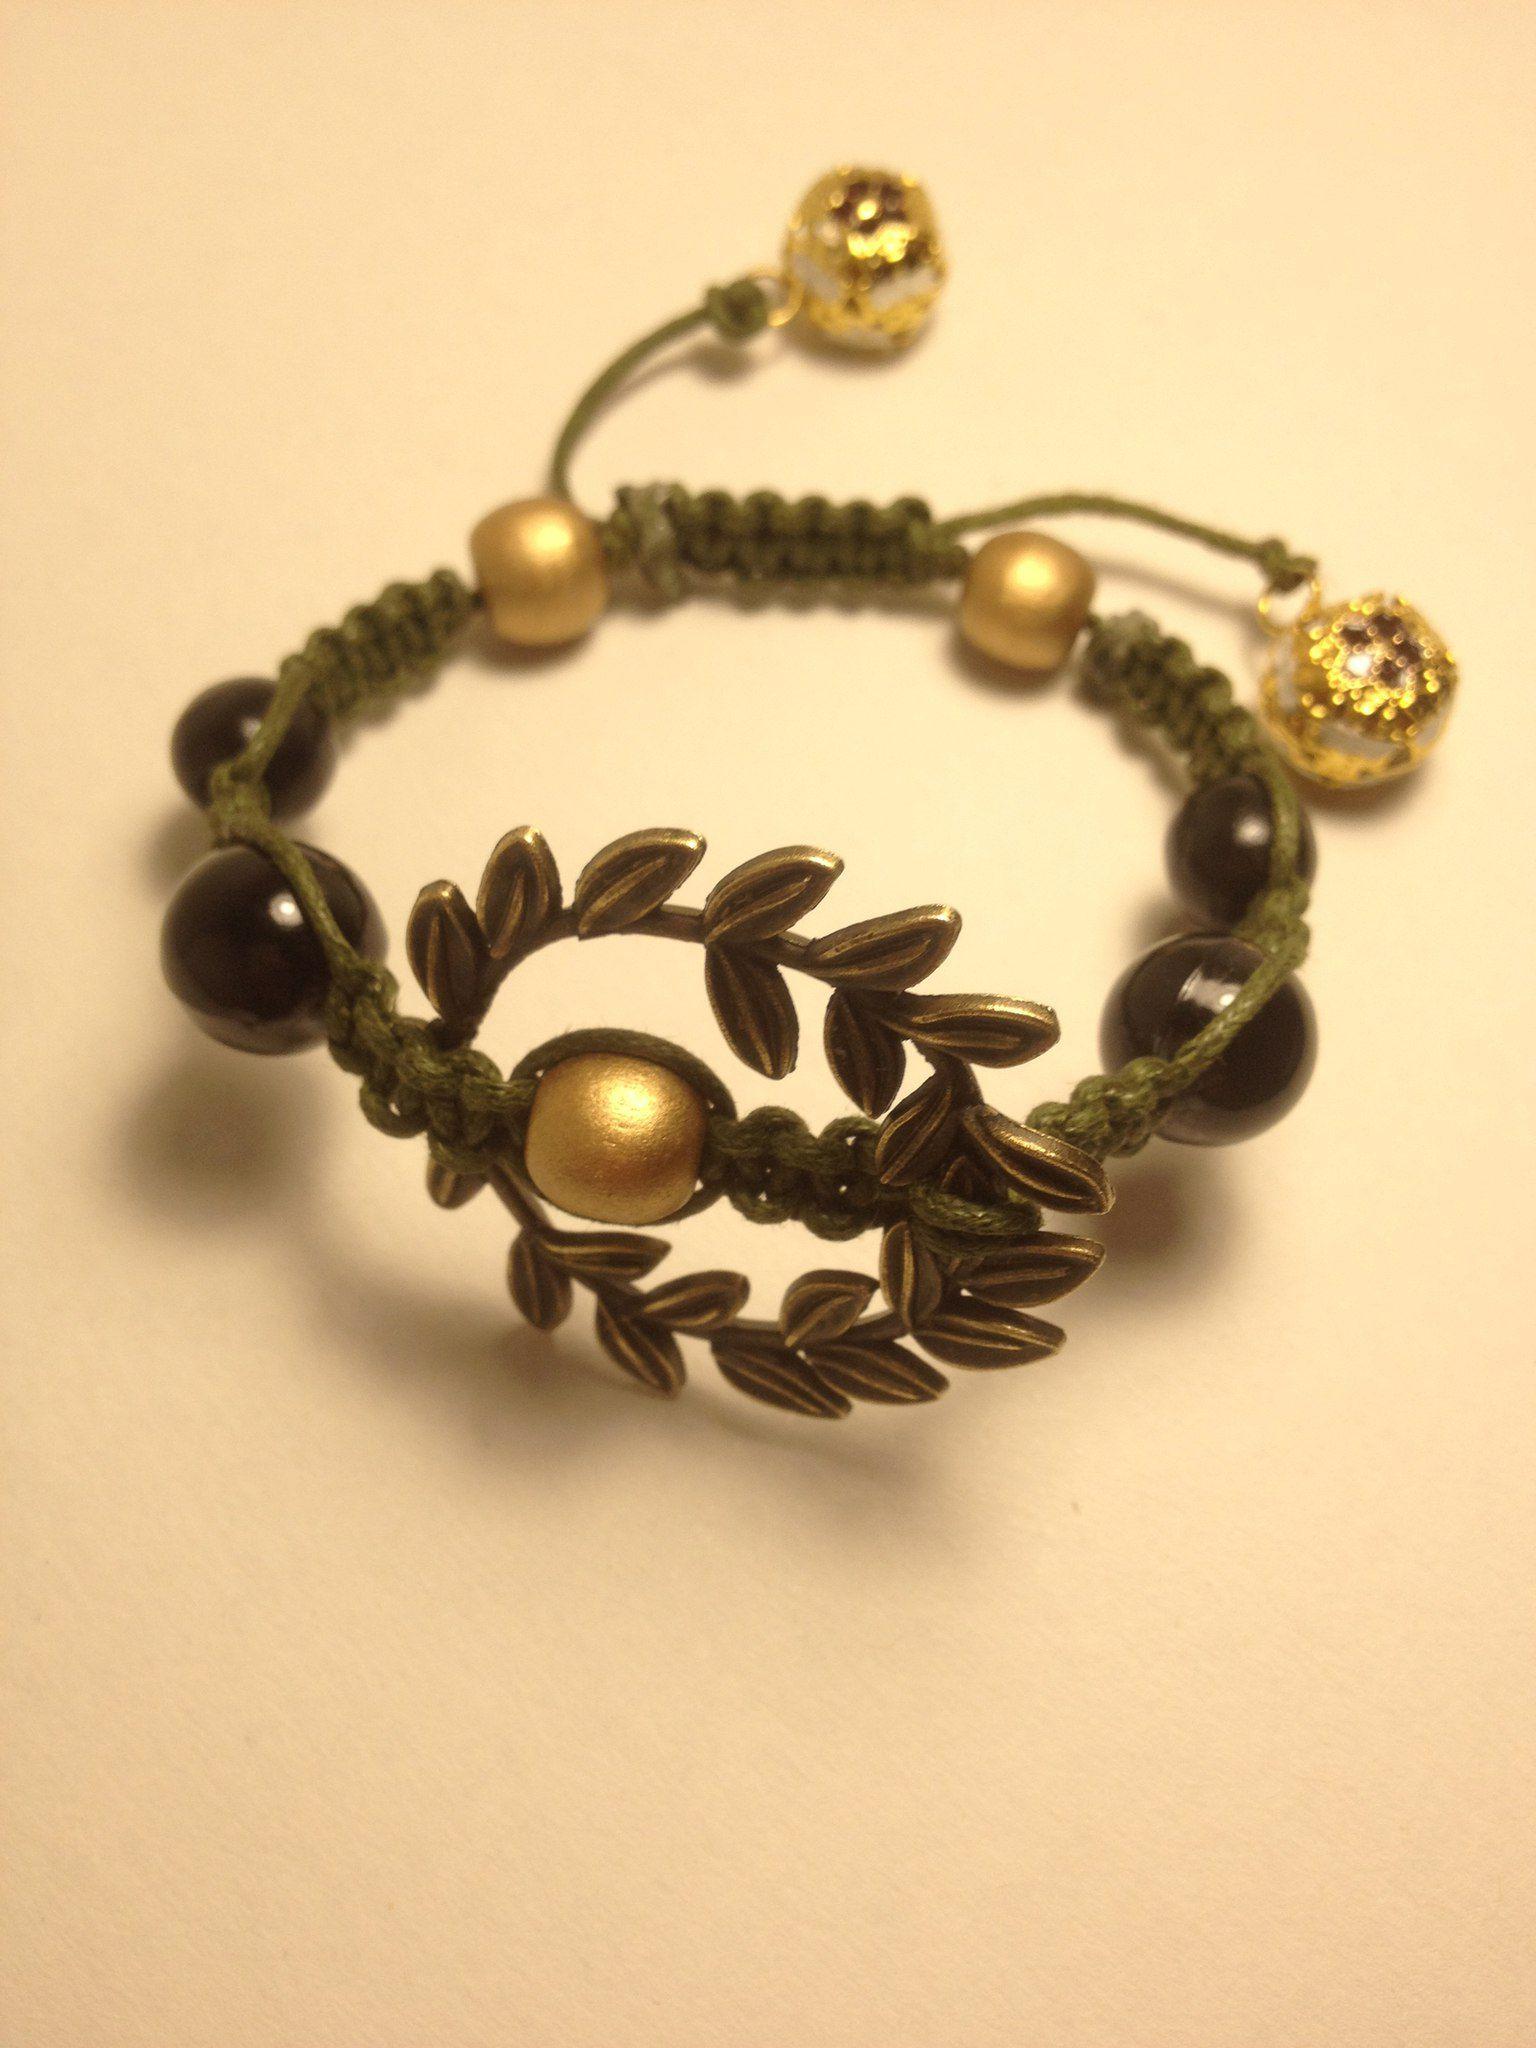 bracelet bells mascot handmade